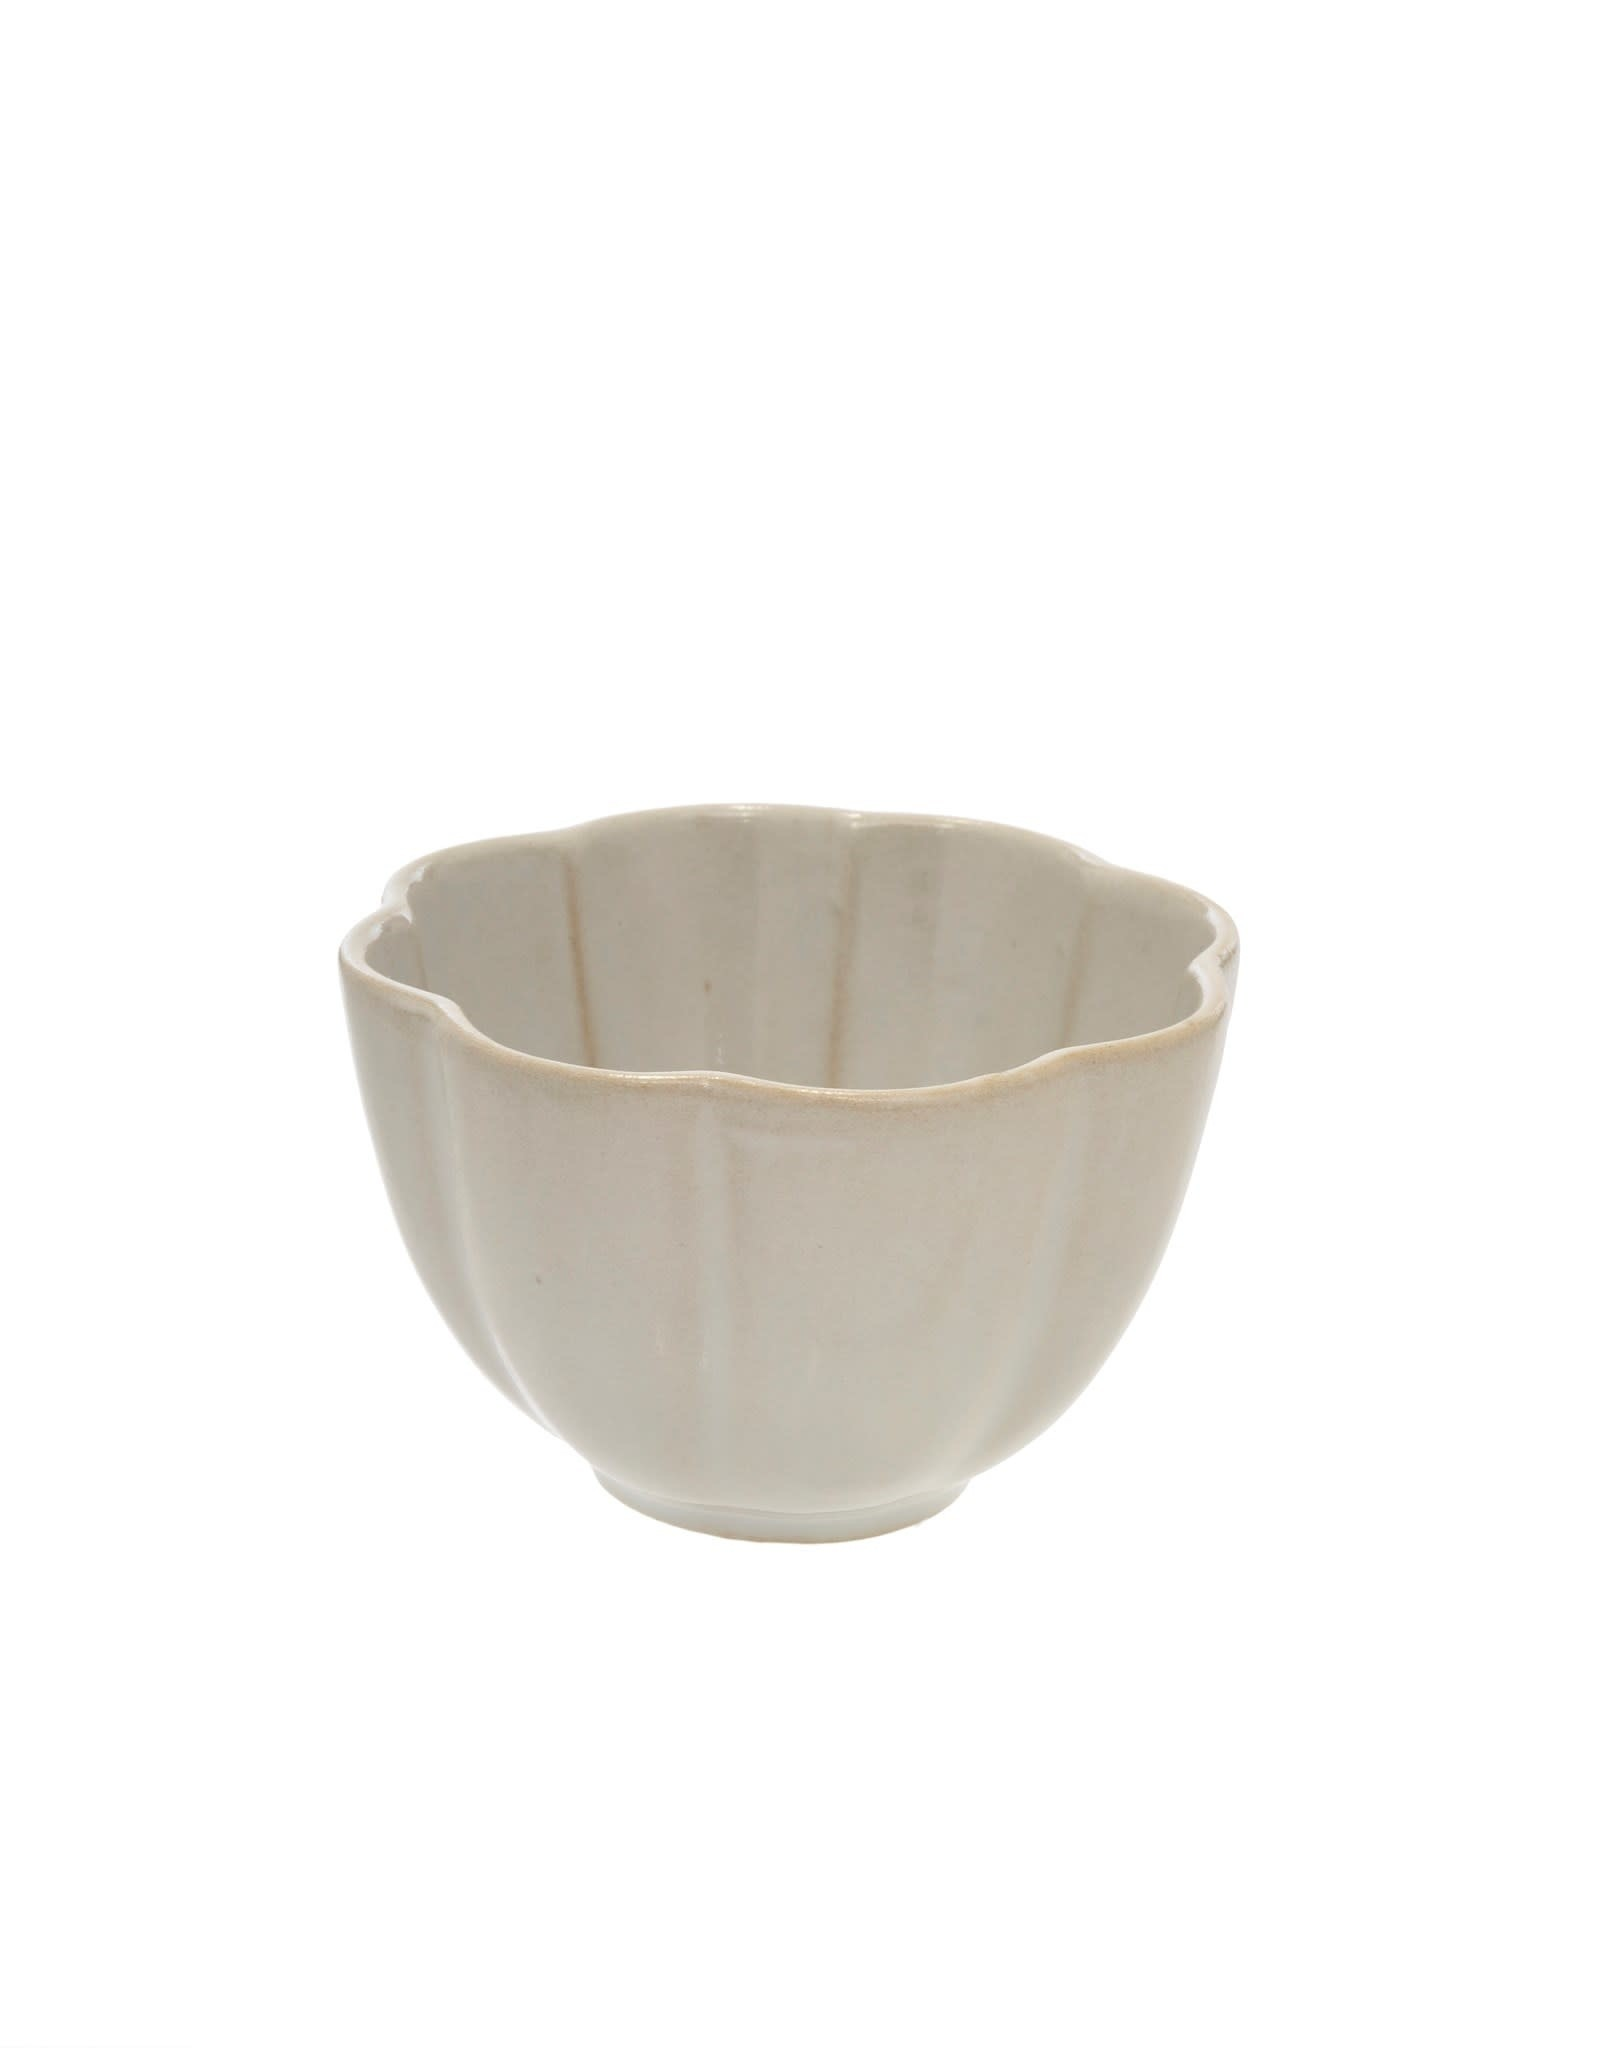 Indaba Amelia White Bowl - Small